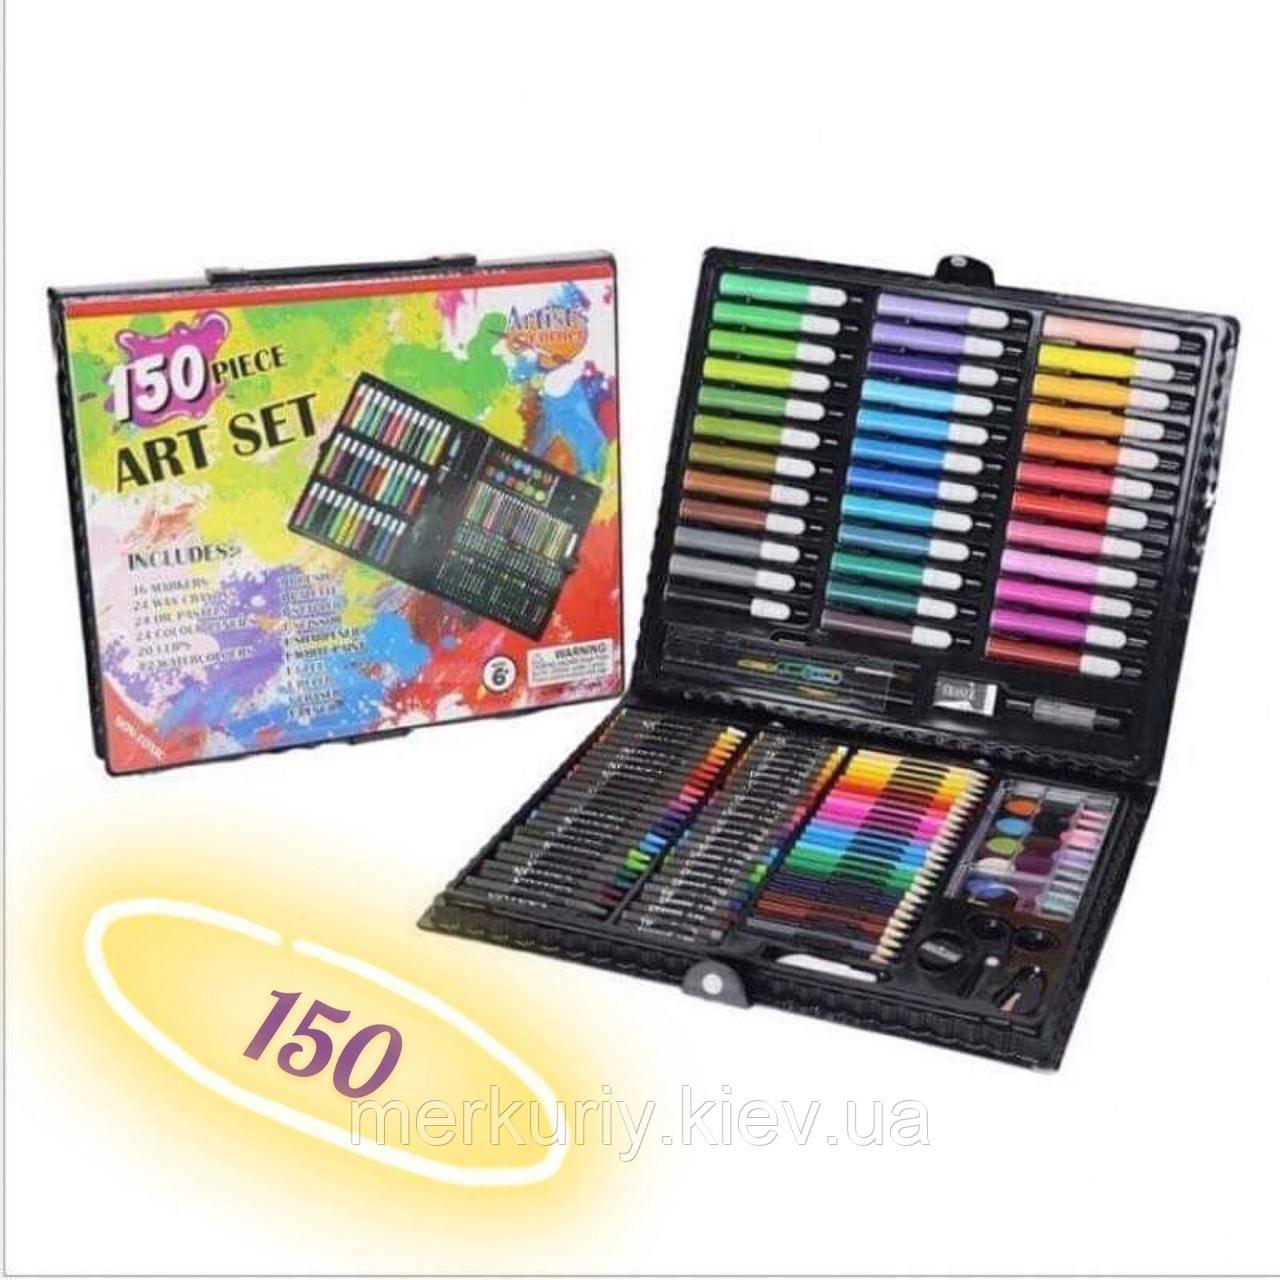 150 шт Набор для рисования Artistic Set в чемоданчике художественный предметы